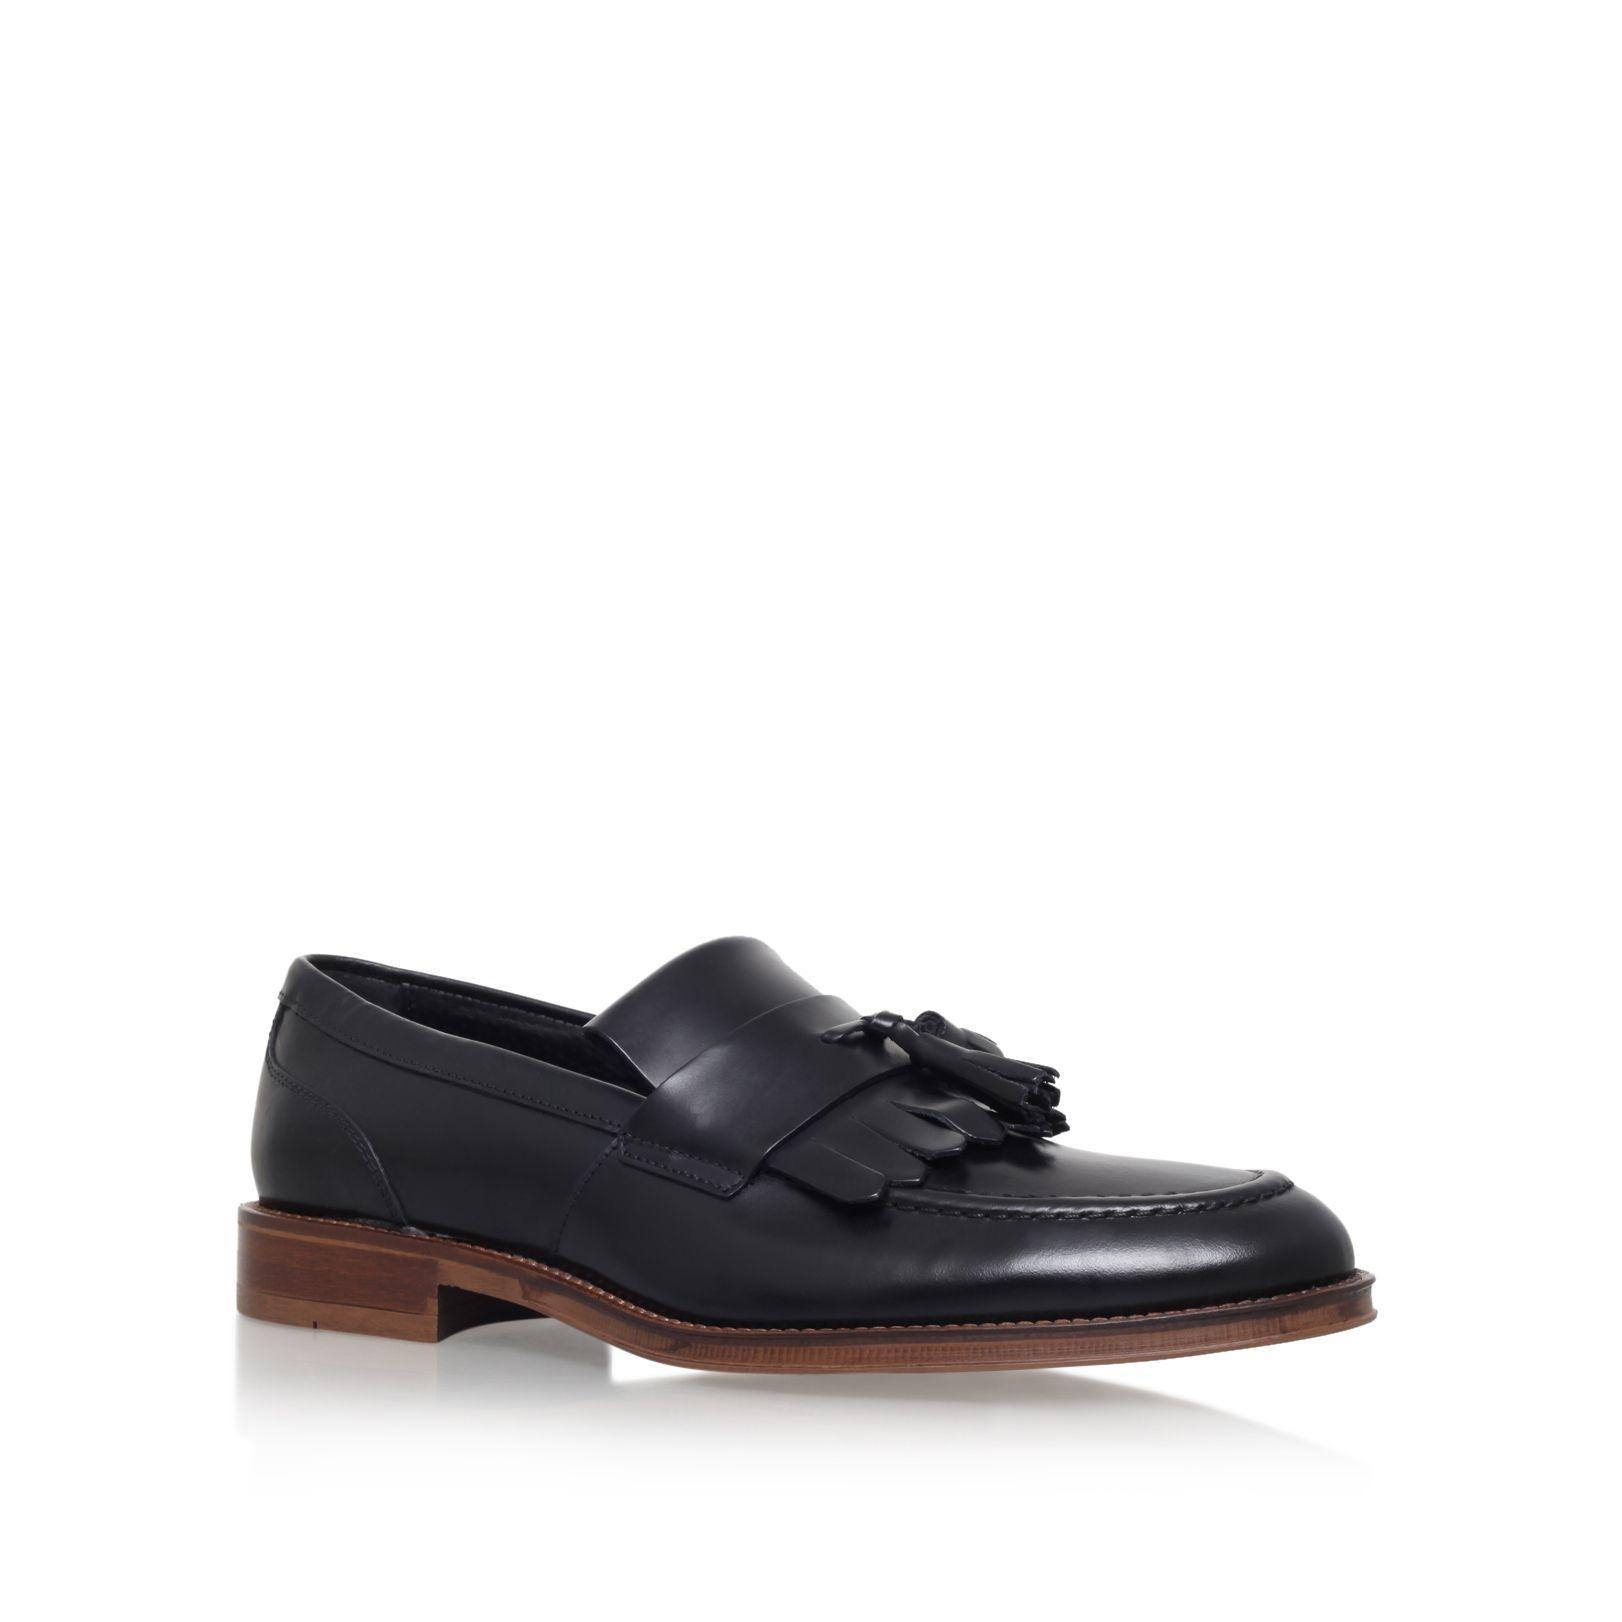 KG Maccio slip on tassel loafers, Black